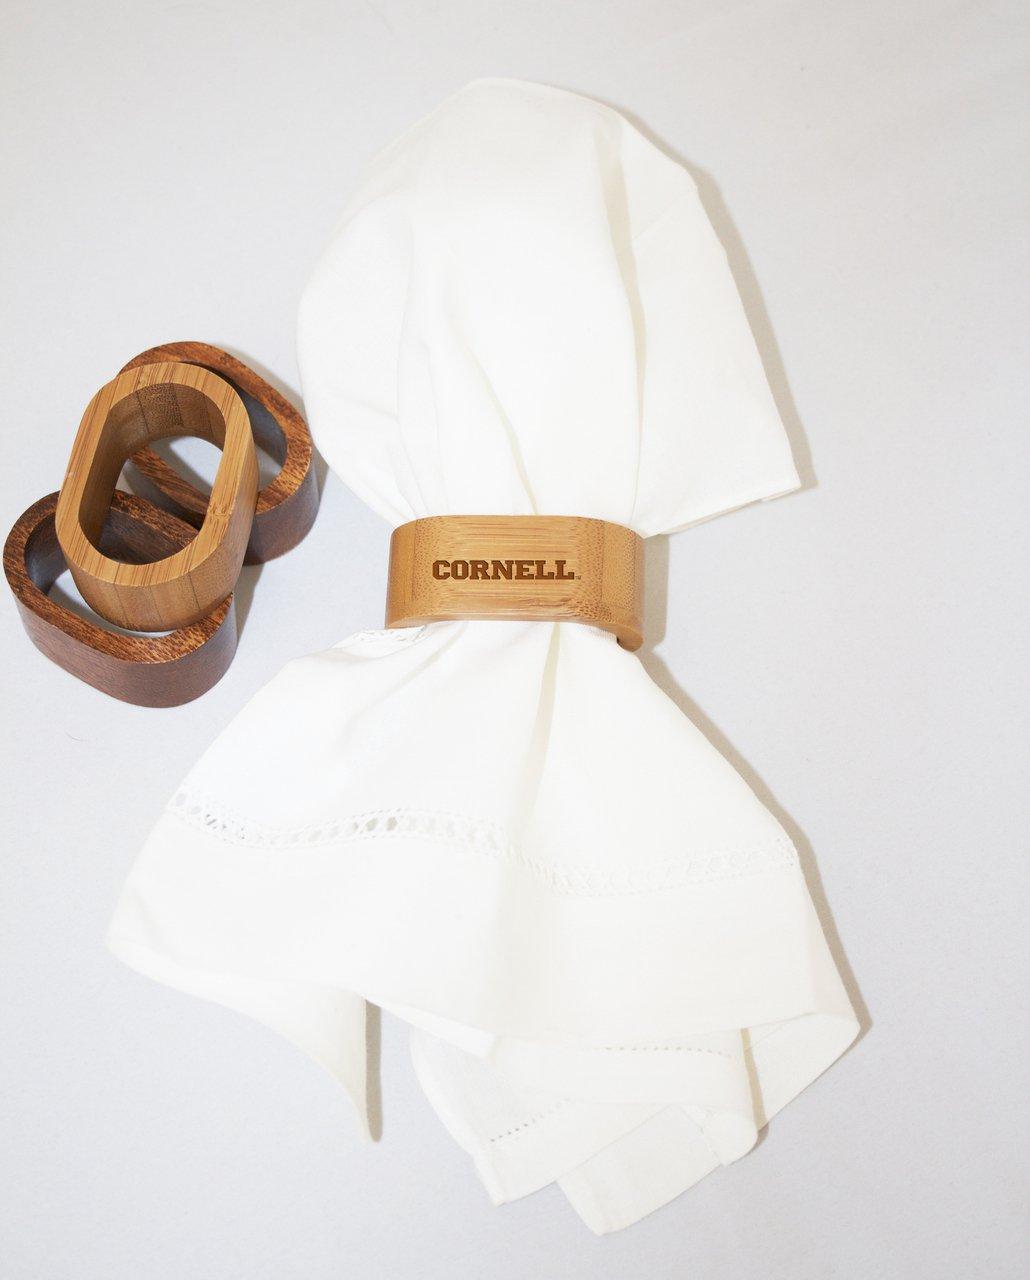 Cornell Napkin Rings